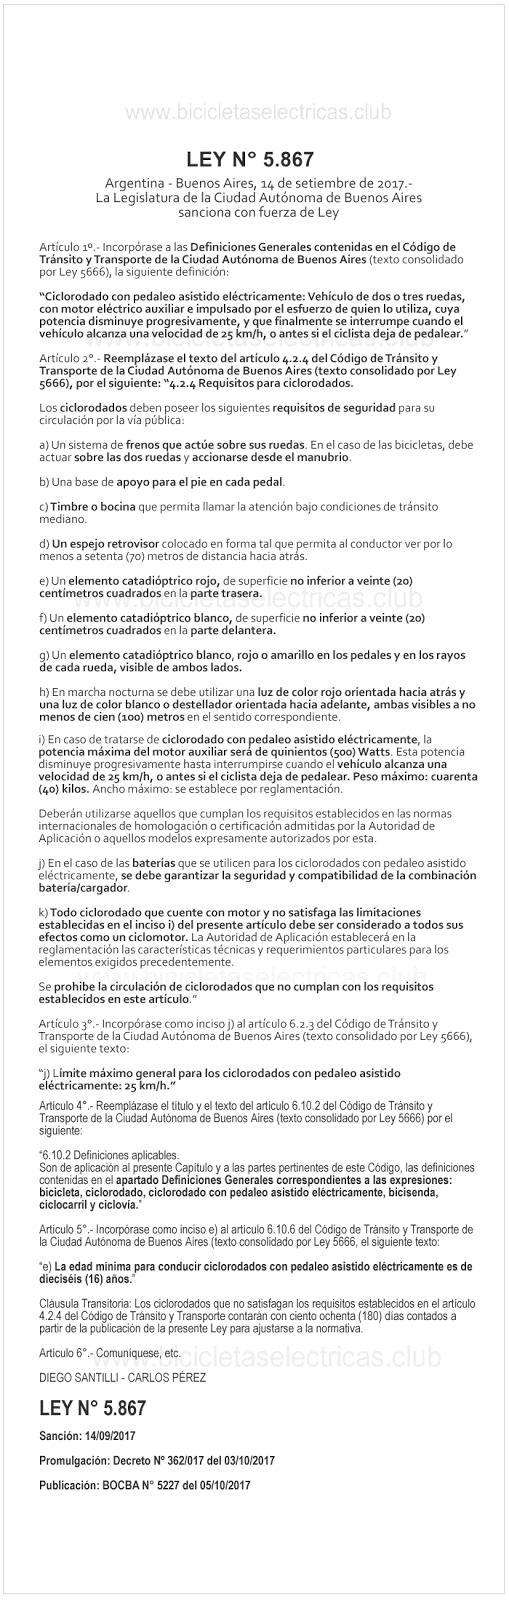 Normativa reglamento bicicletas electricas buenos aires - ley 5867